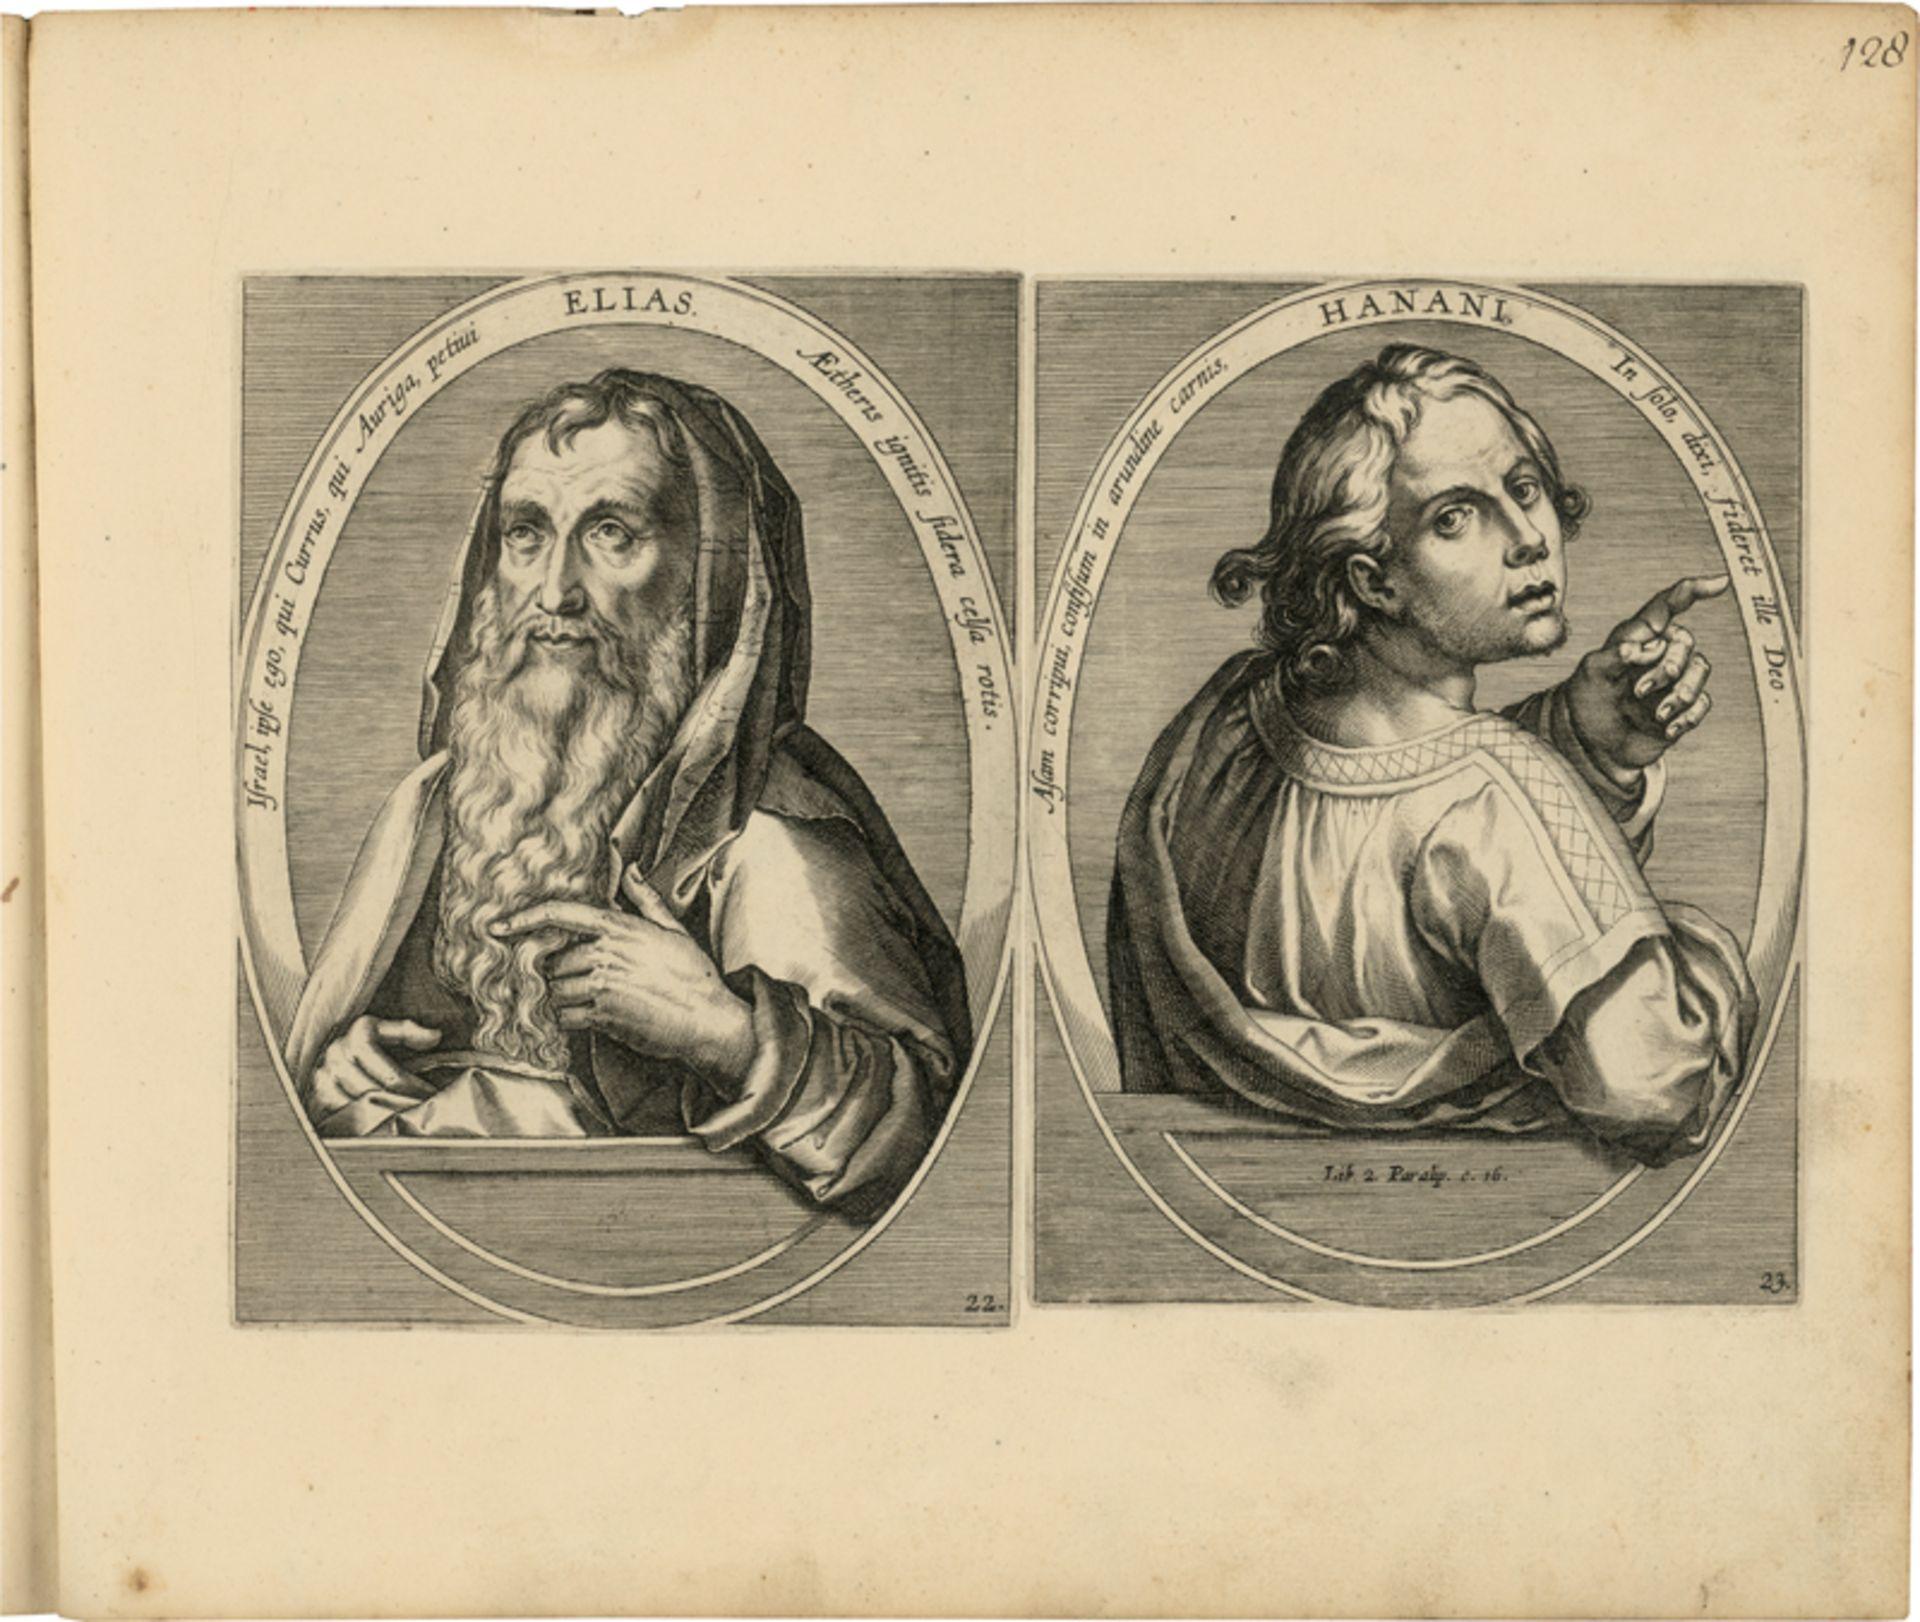 Galle, Joannes: Sammleralbum des 18. Jh. mit insgesamt 238 Kupferstichen... - Image 4 of 5